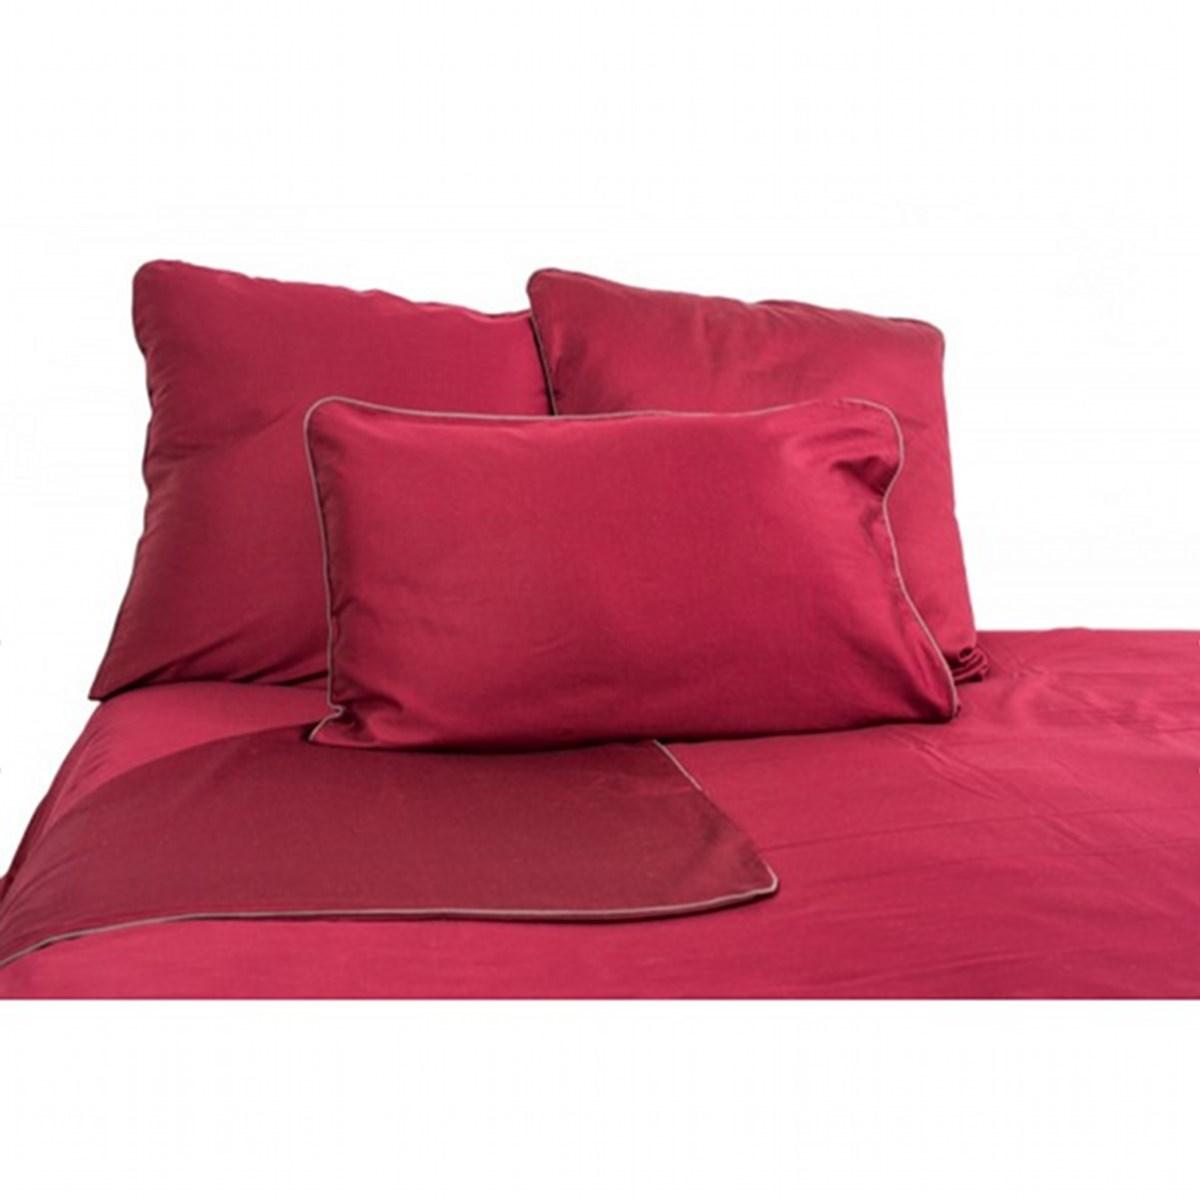 Maison > Literie, linge de lit > Linge de lit, ensembles > Draps